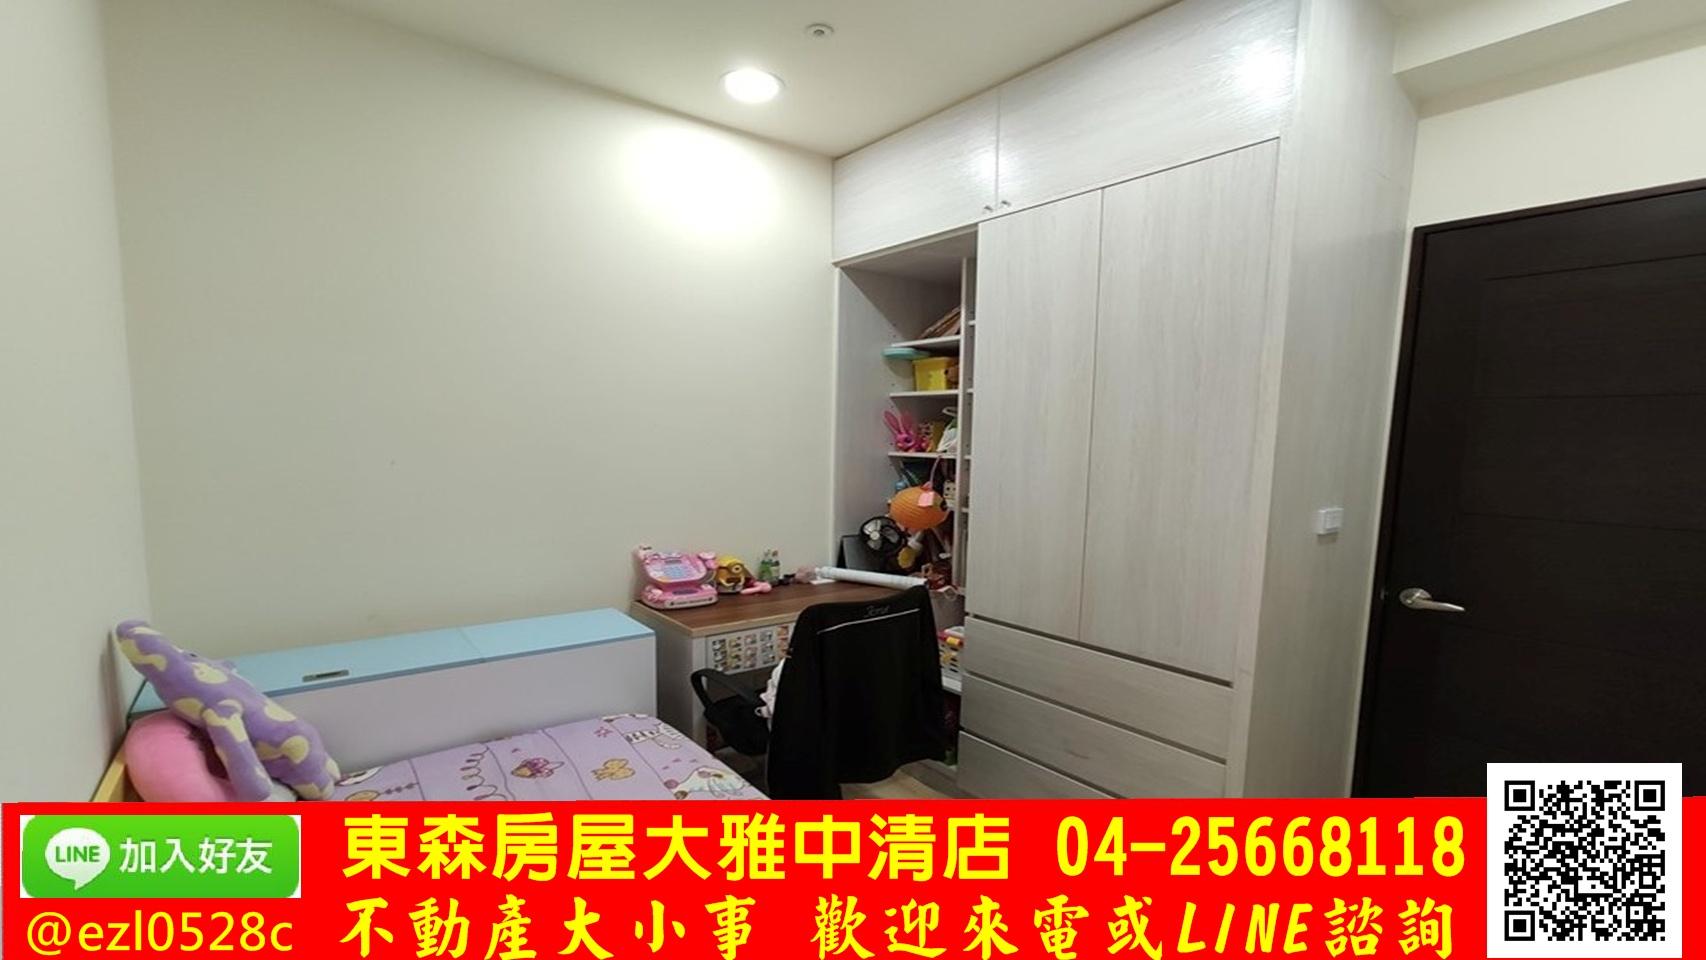 東森房屋大雅中清店-smile city3房休旅